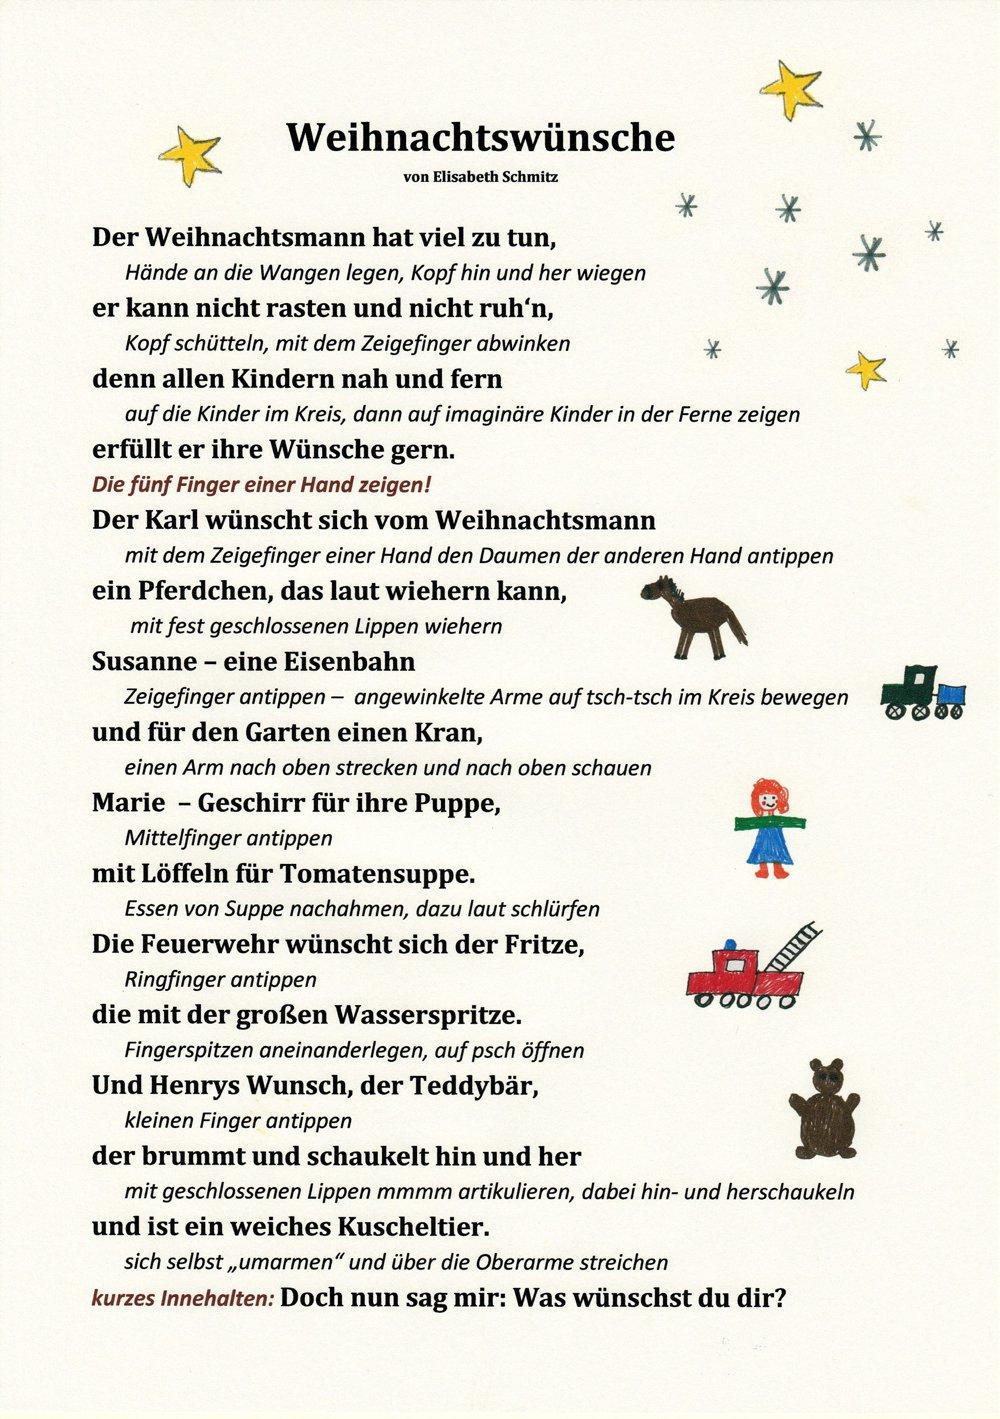 Ein Weihnachtsgedicht Mit Bewegungen - Kitakram.de in Kleine Weihnachtsgedichte Für Kindergartenkinder